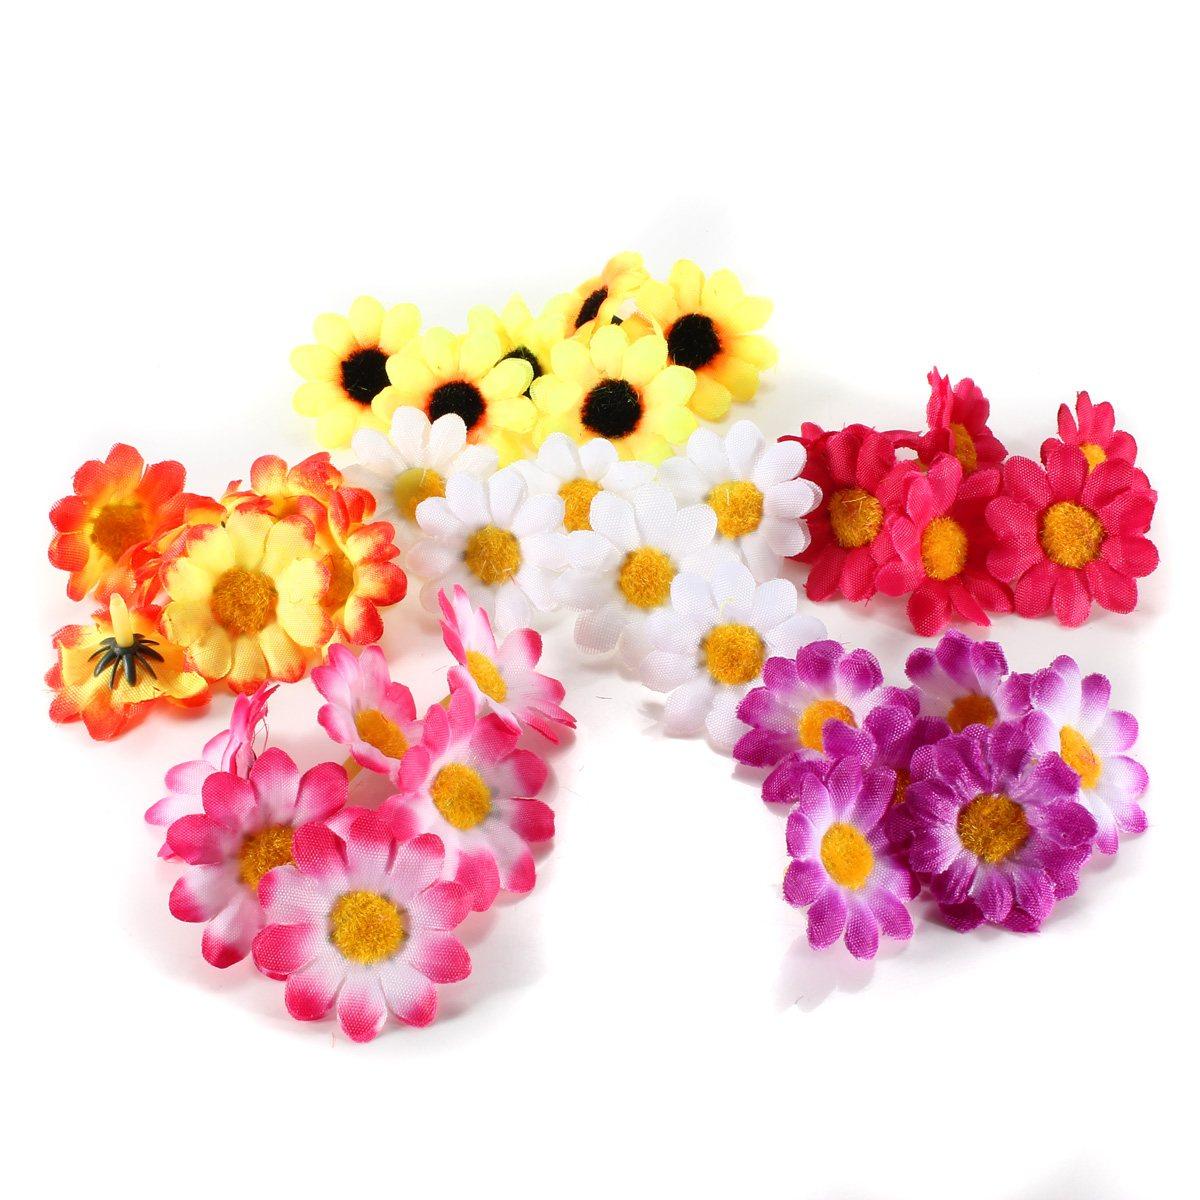 Online get cheap gerbera daisy silk flowers aliexpress 100pcs artificial gerbera daisy heads silk flowers wedding party sunflower decorchina mainland dhlflorist Gallery